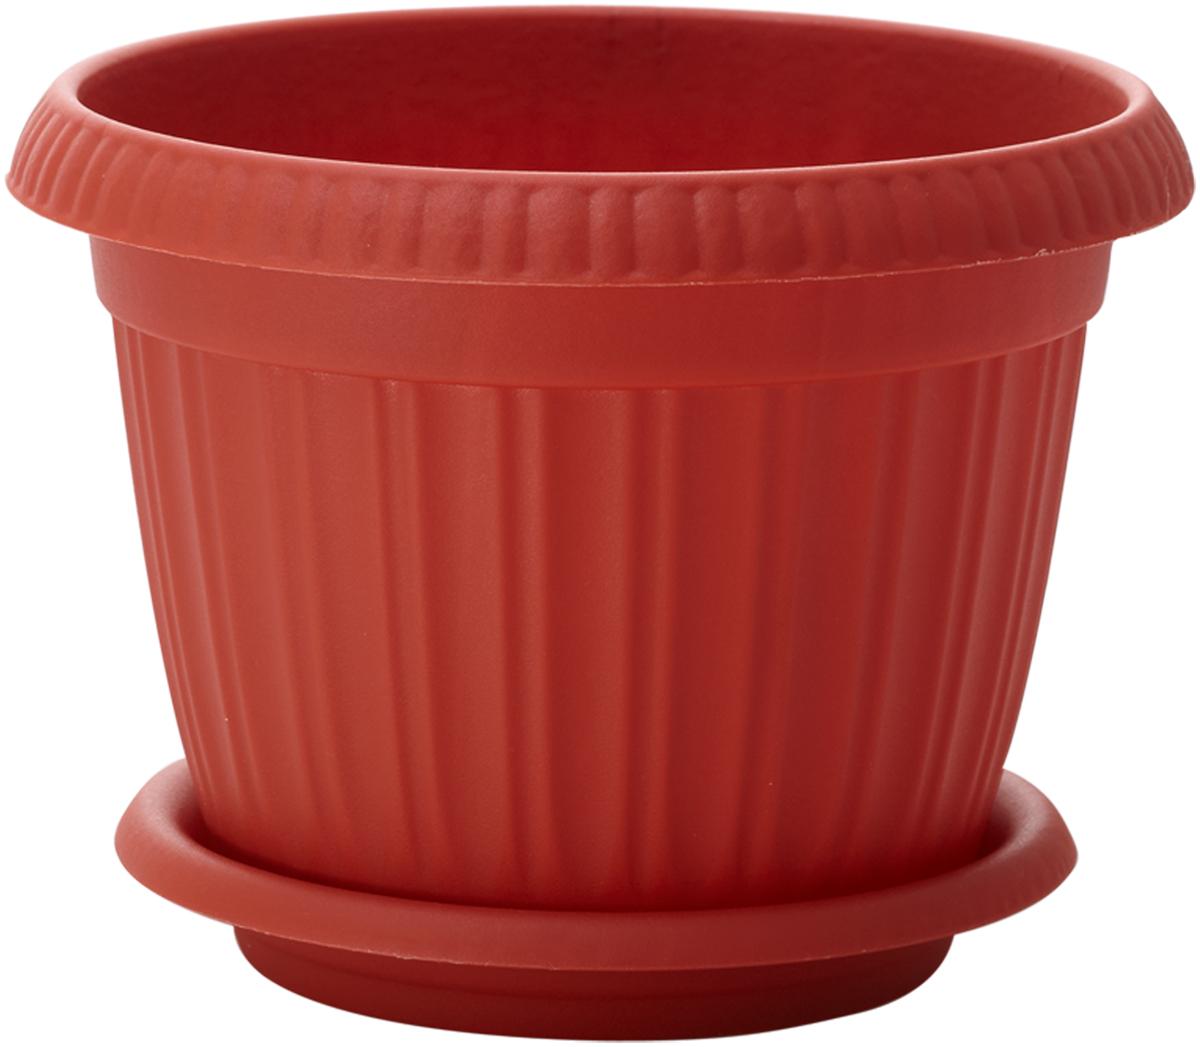 Горшок для цветов InGreen Таити, с подставкой, цвет: терракотовый, диаметр 28 смING41028FТРГоршок InGreen Таити выполнен из высококачественного пластика и предназначен для выращивания цветов, растений и трав. Снабжен подставкой для стока воды. Такой горшок порадует вас функциональностью, а благодаря лаконичному дизайну впишется в любой интерьер помещения. Диаметр горшка (по верхнему краю): 28 см. Высота горшка: 21,5 см. Диаметр подставки: 23 см.